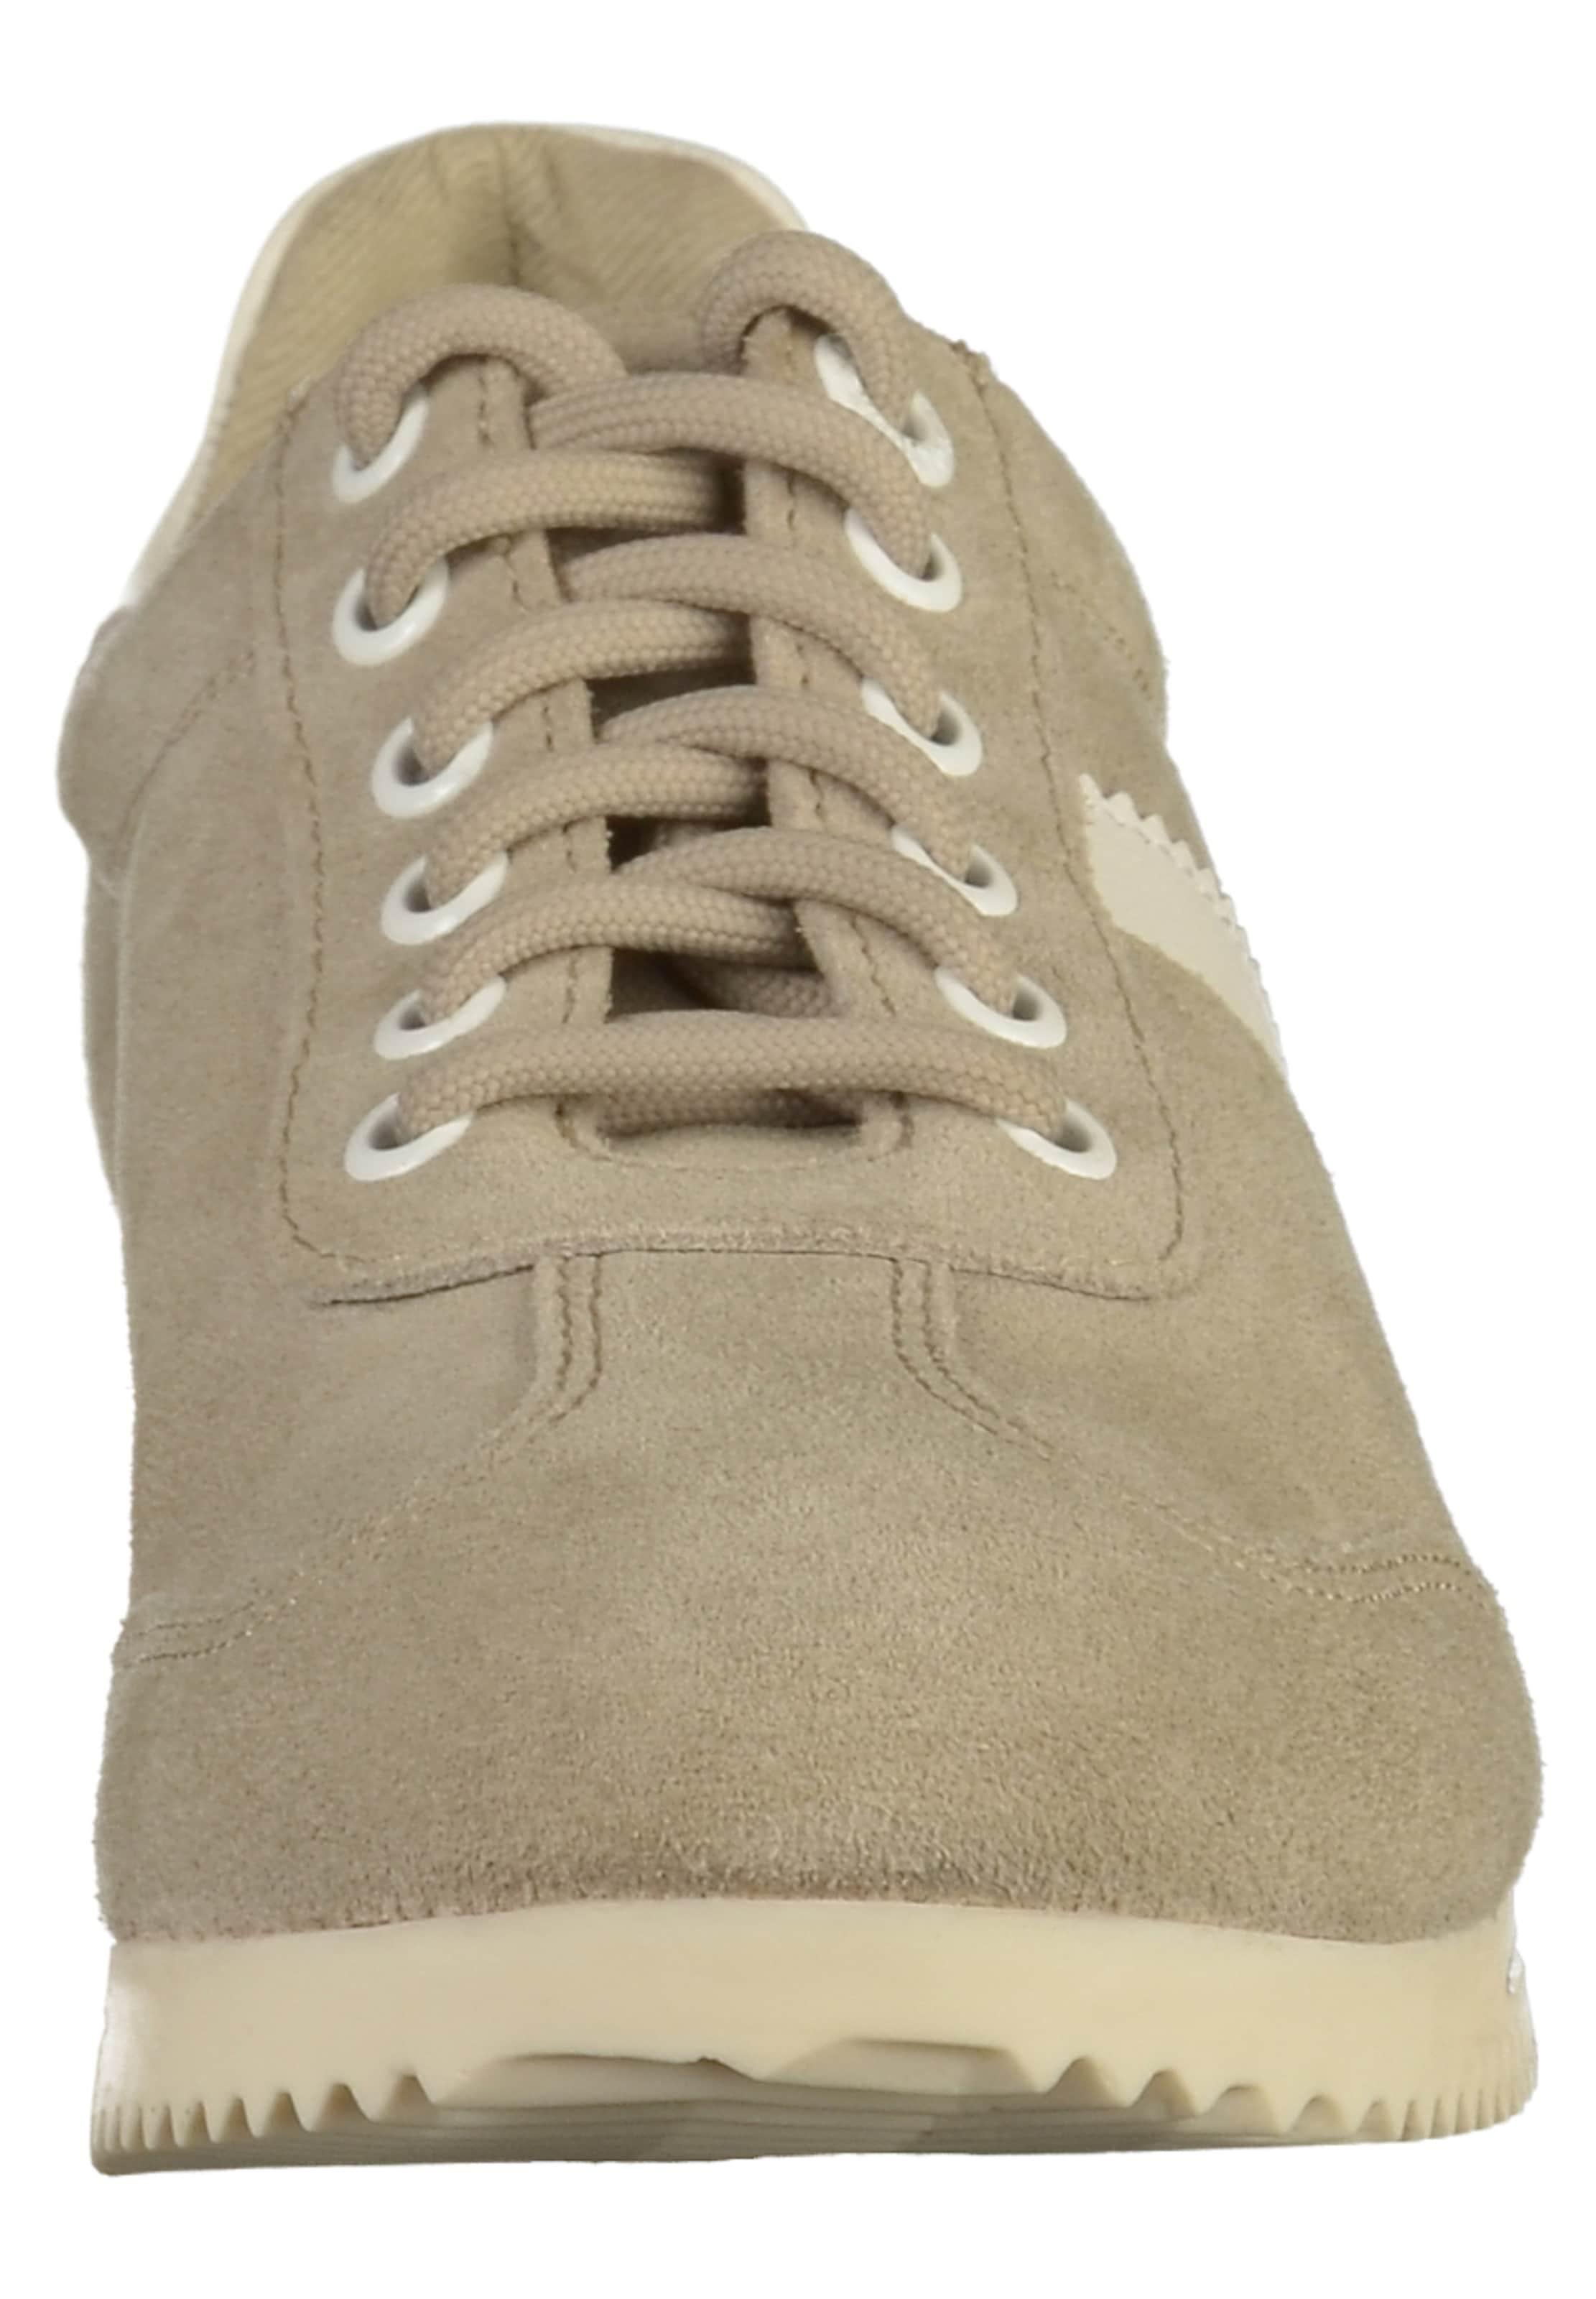 Günstig Kaufen Manchester s.Oliver RED LABEL Sneaker Günstig Kaufen Preis wU9RBN7iI